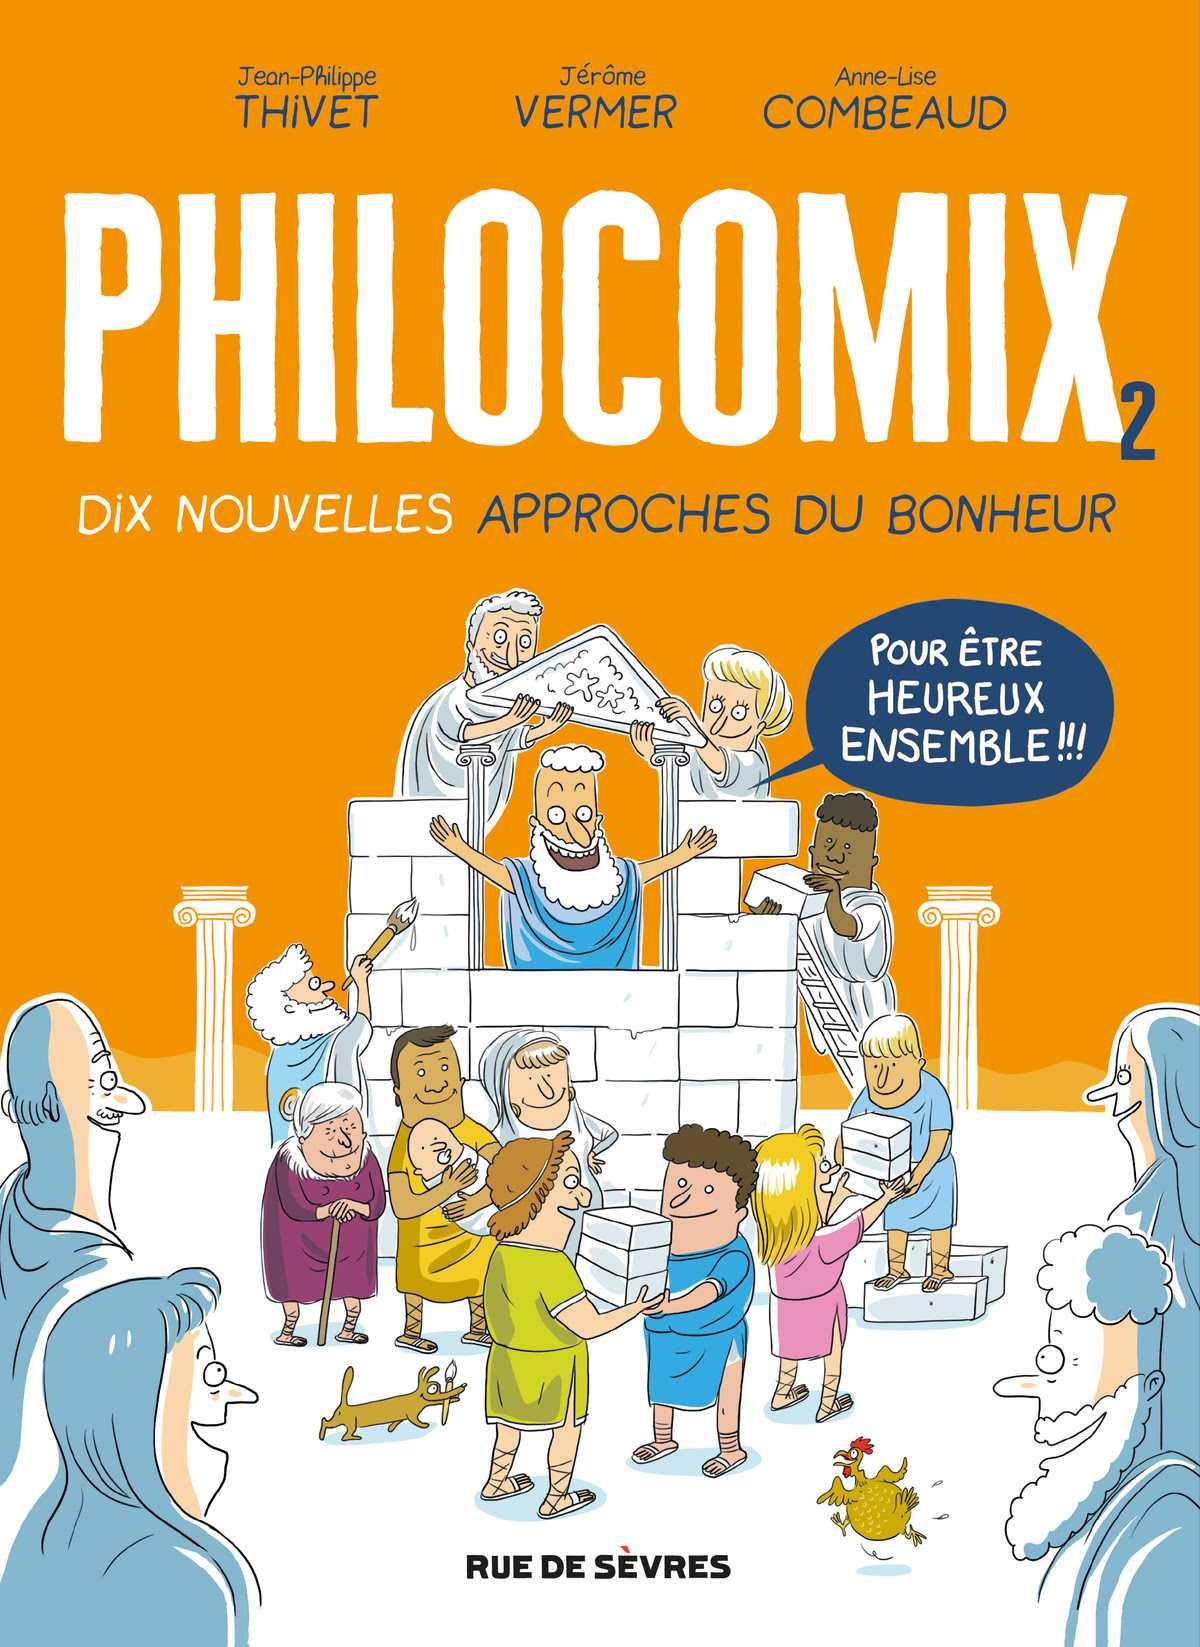 Philocomix 2, enfer ou bonheur les autres ?